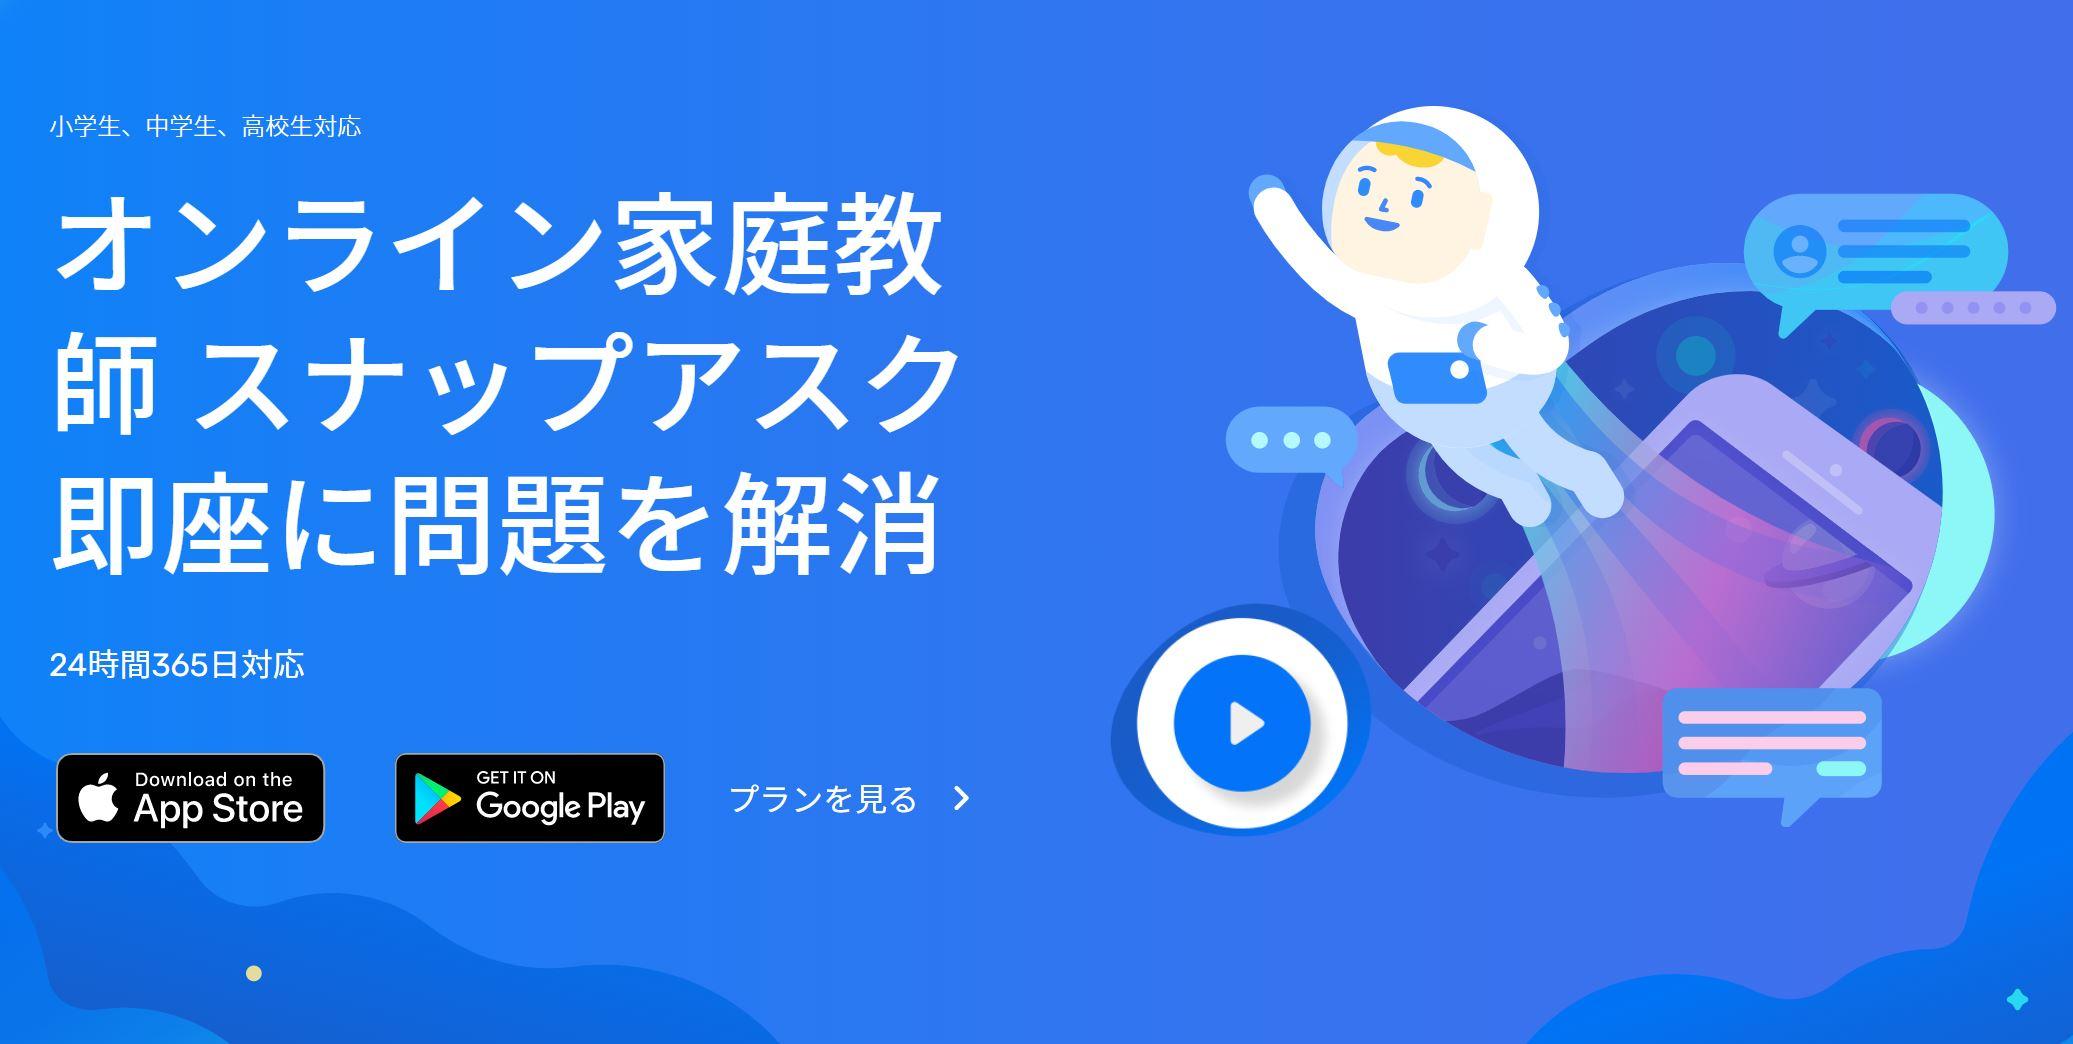 今話題のすぐ質問できるアプリ【スナップアスク】の評判・口コミを徹底分析!